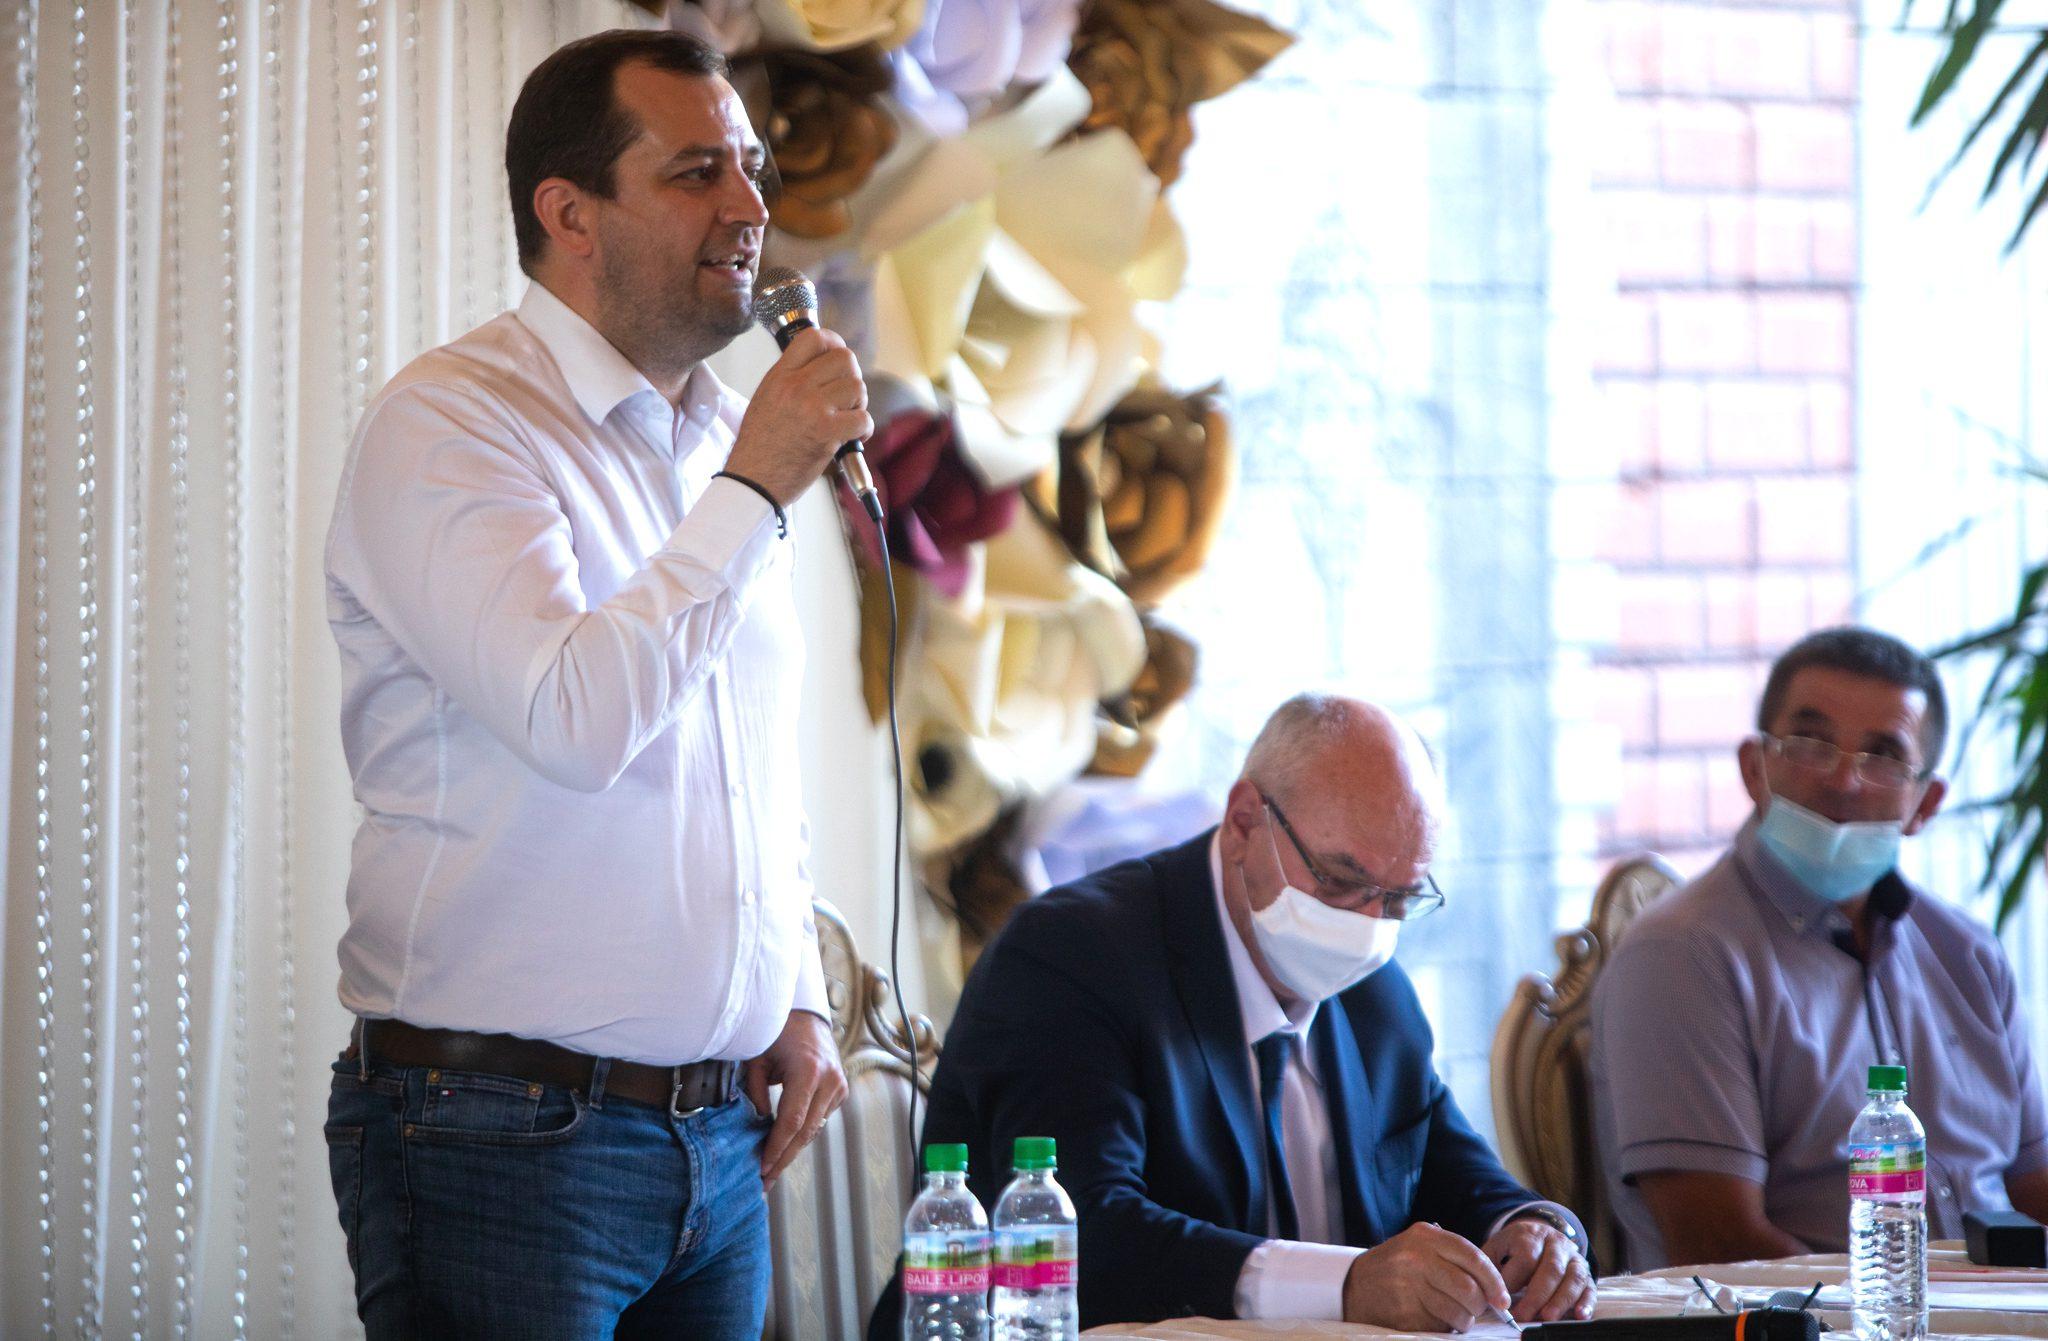 """Răzvan Cadar și-a intrat în drepturi ca președinte al AJF Arad: """"Să fim uniți și să creștem sănătos împreună!"""""""